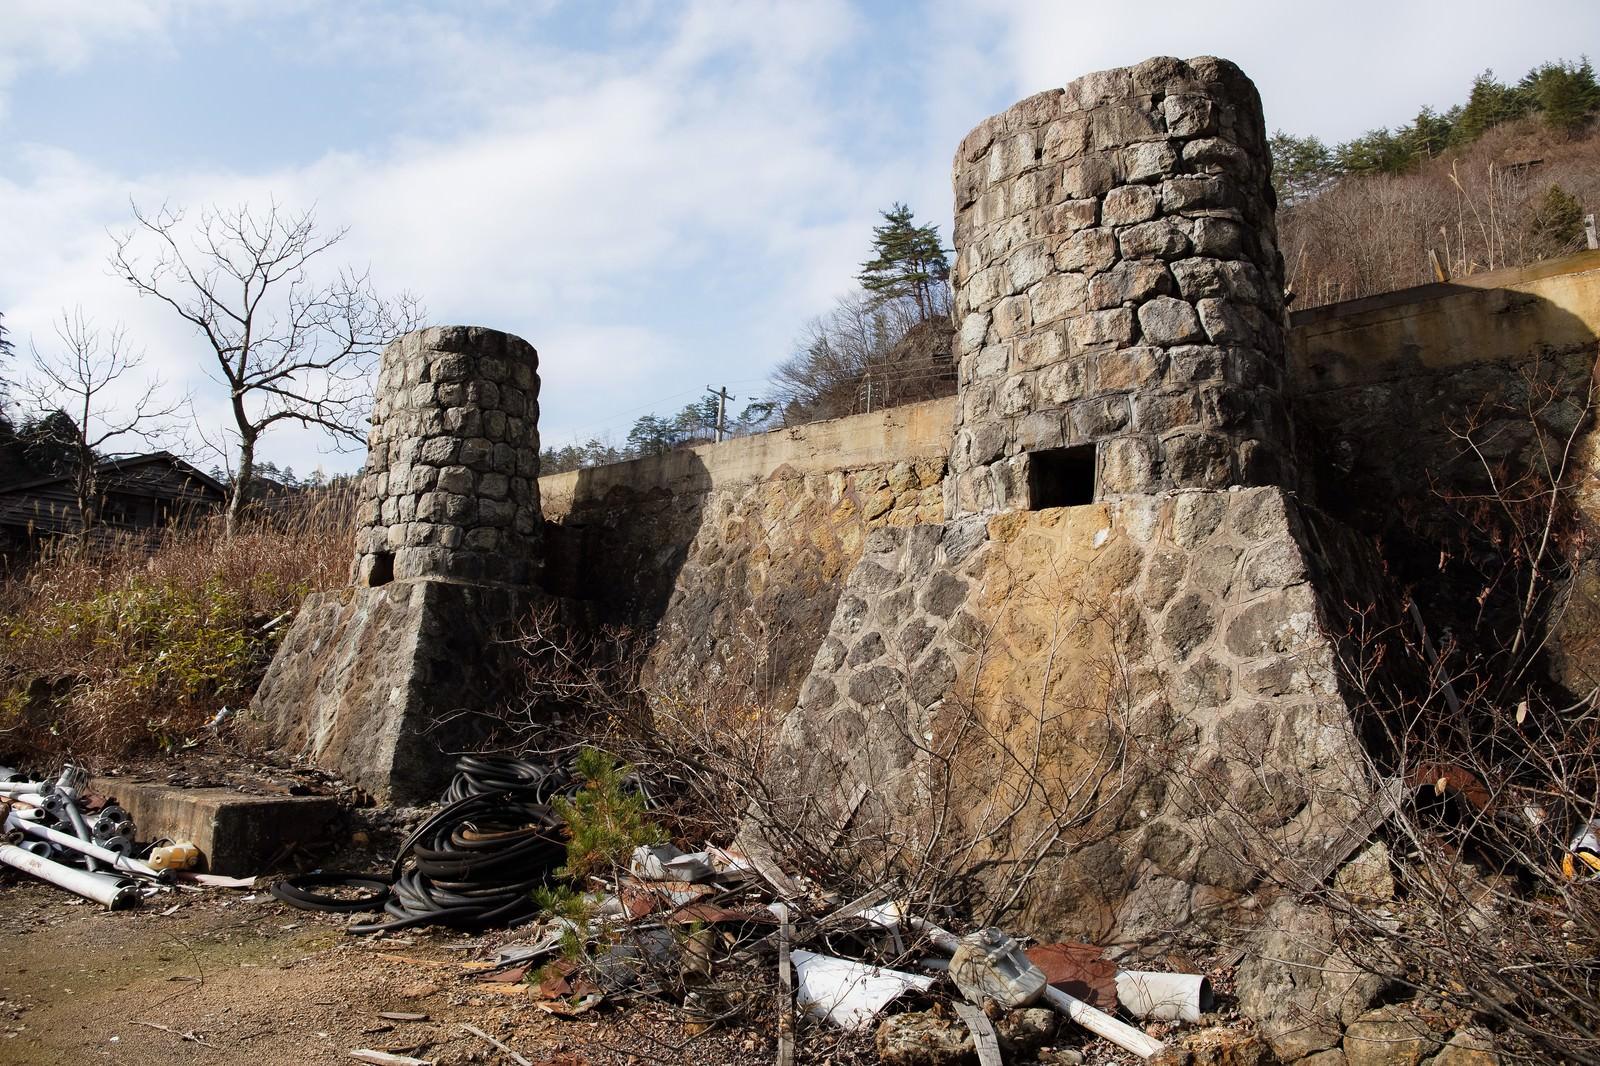 「瓦礫が転がる土畑鉱山跡」の写真